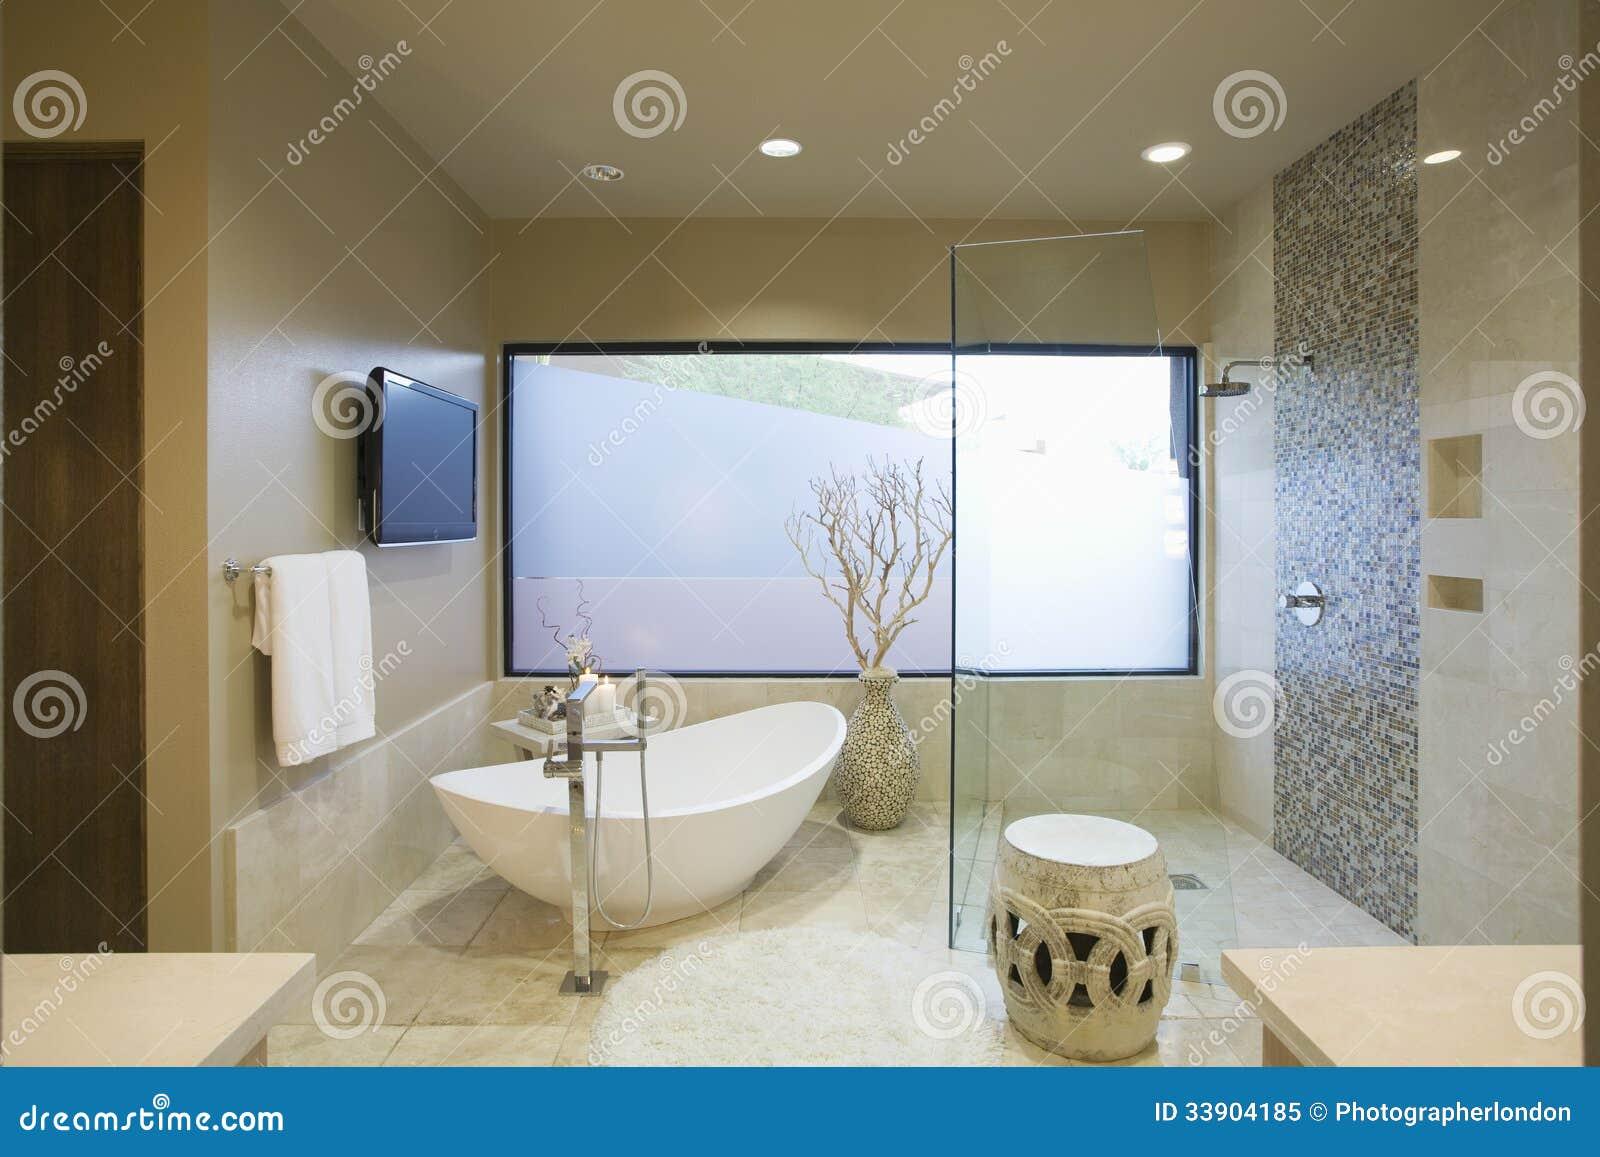 Modernes Badezimmer Mit Freistehendem Bad Stockbild - Bild von ...